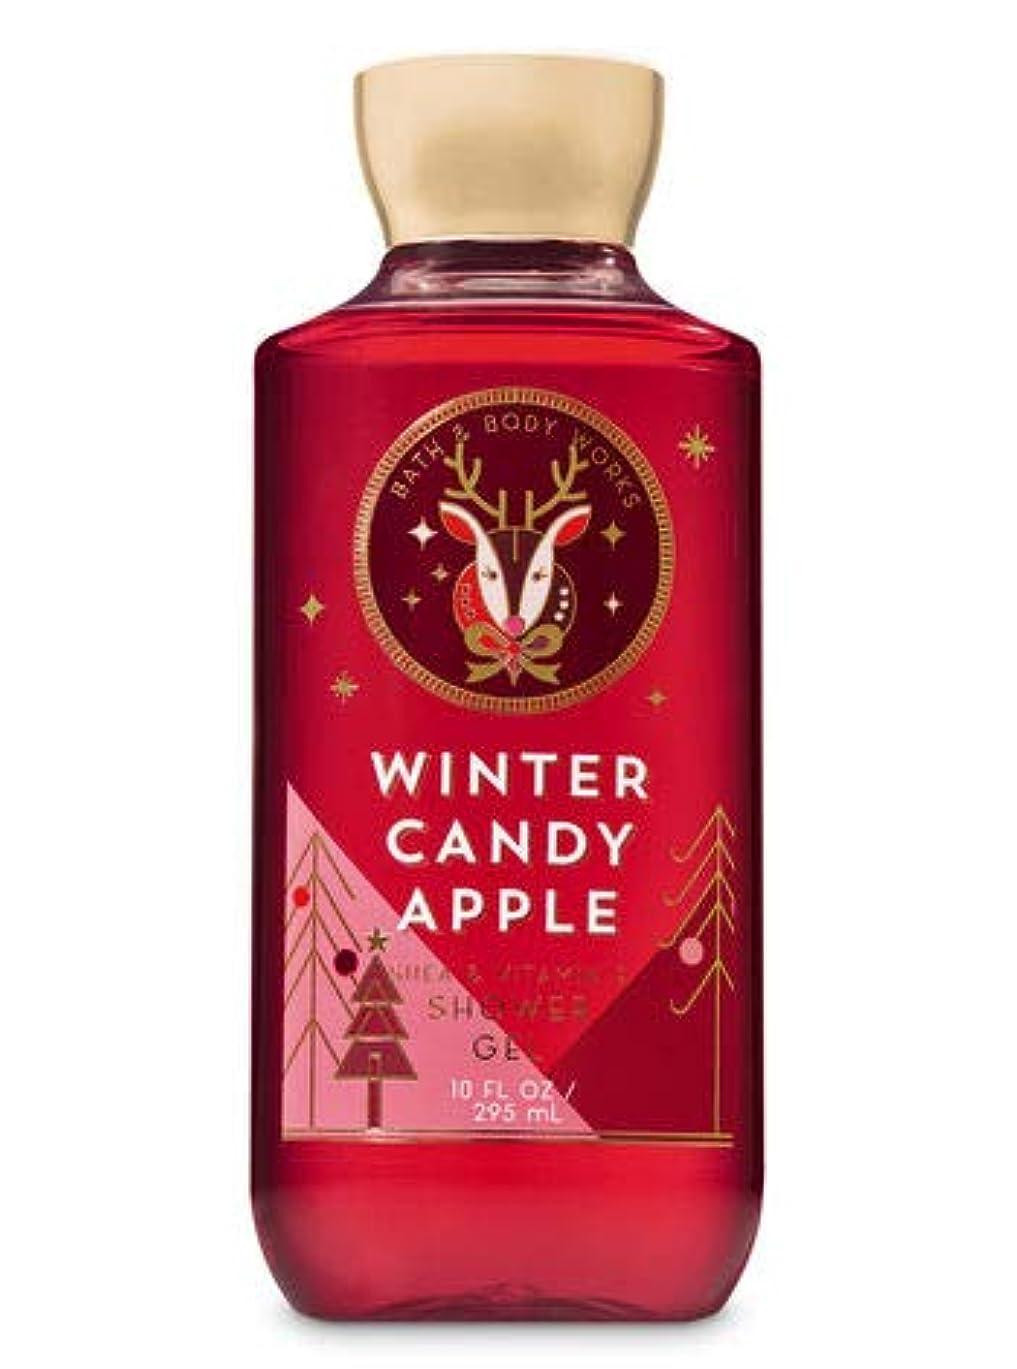 グレートオーク海藻事業内容バス&ボディワークス ウインターキャンディアップル Winter Candy Apple シャワージェル (並行輸入品)